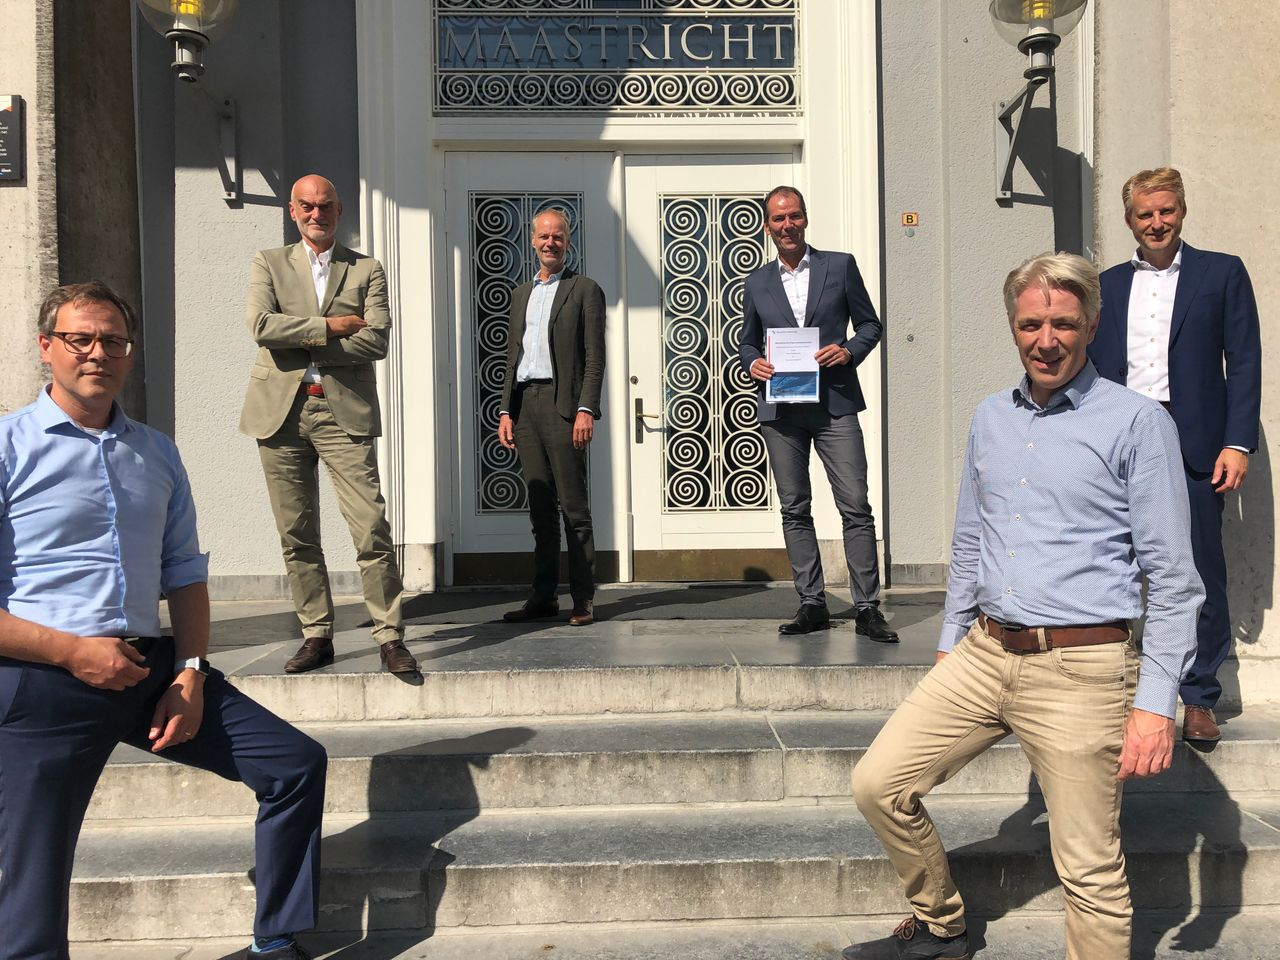 Universiteit Maastricht gaat datagedreven werken dankzij SAP & McCoy